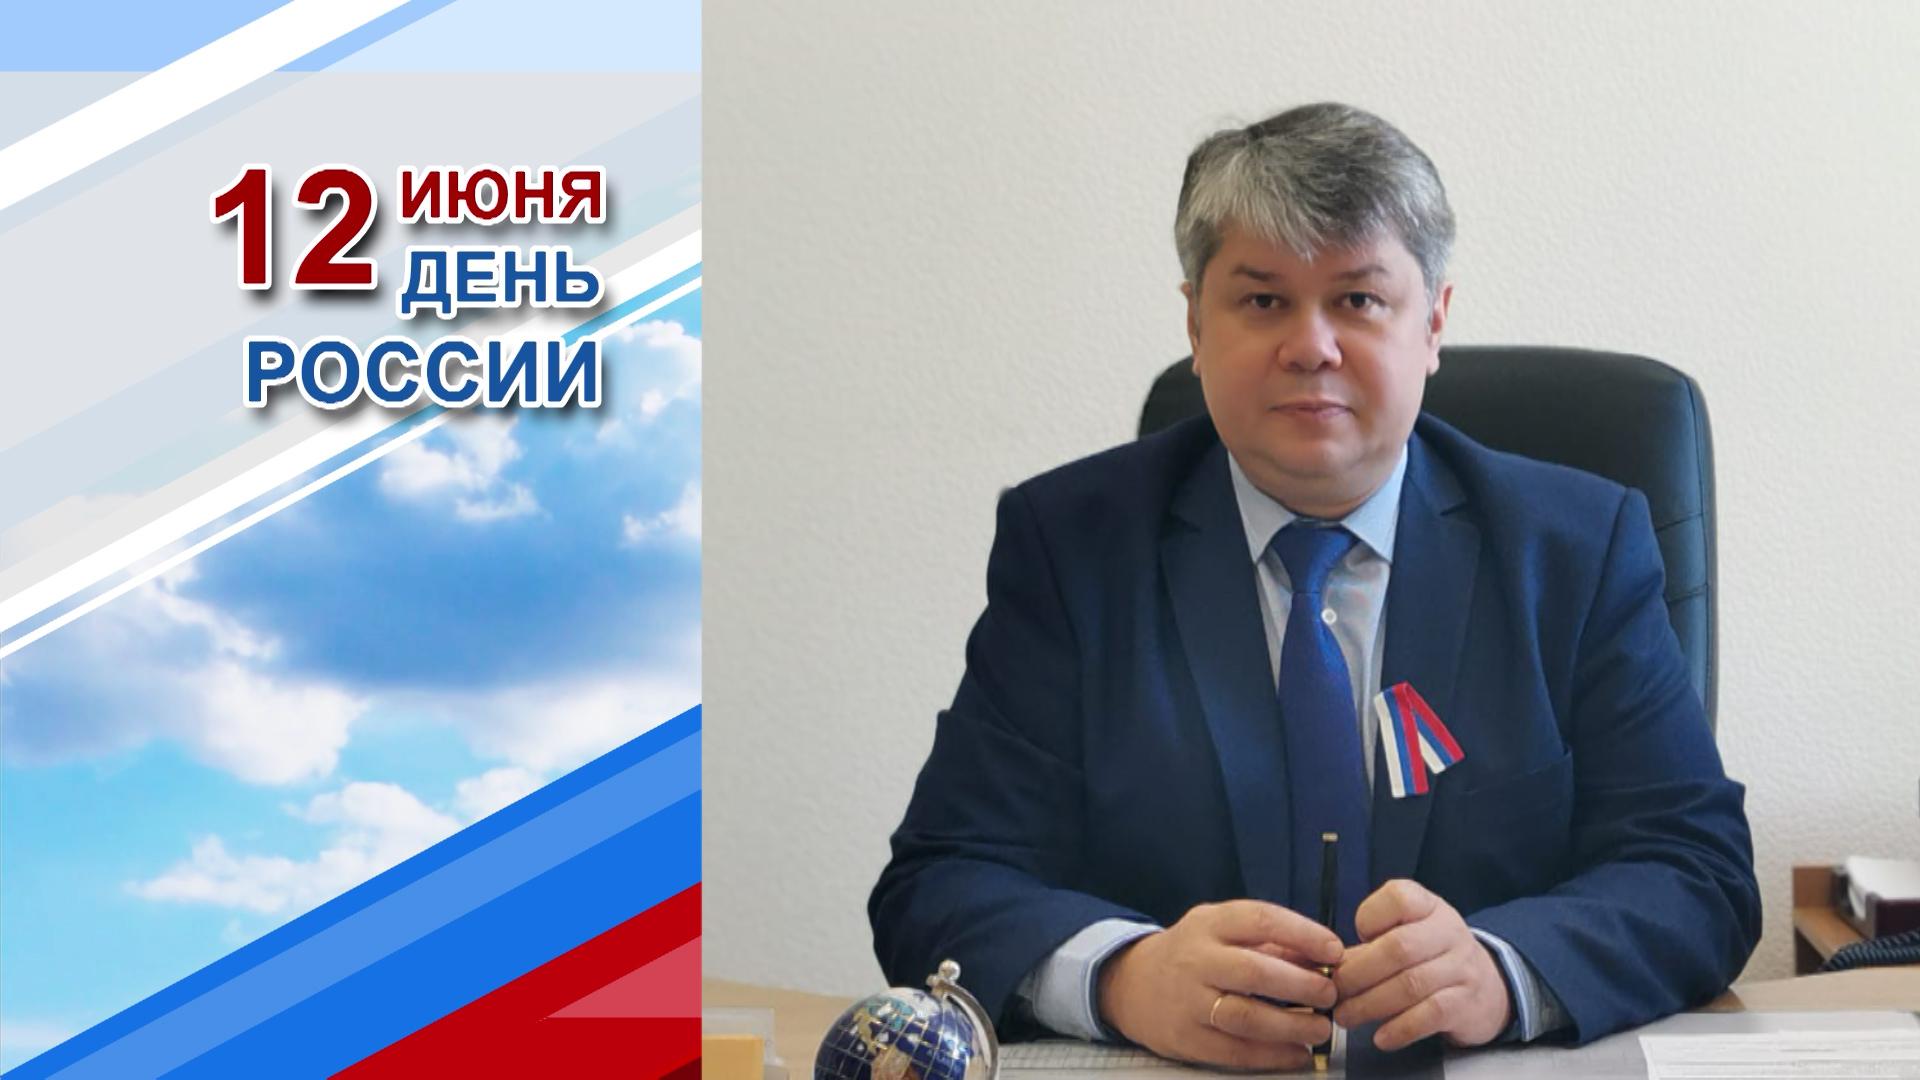 12 июня – День России. Поздравление от Вадима Хатипова